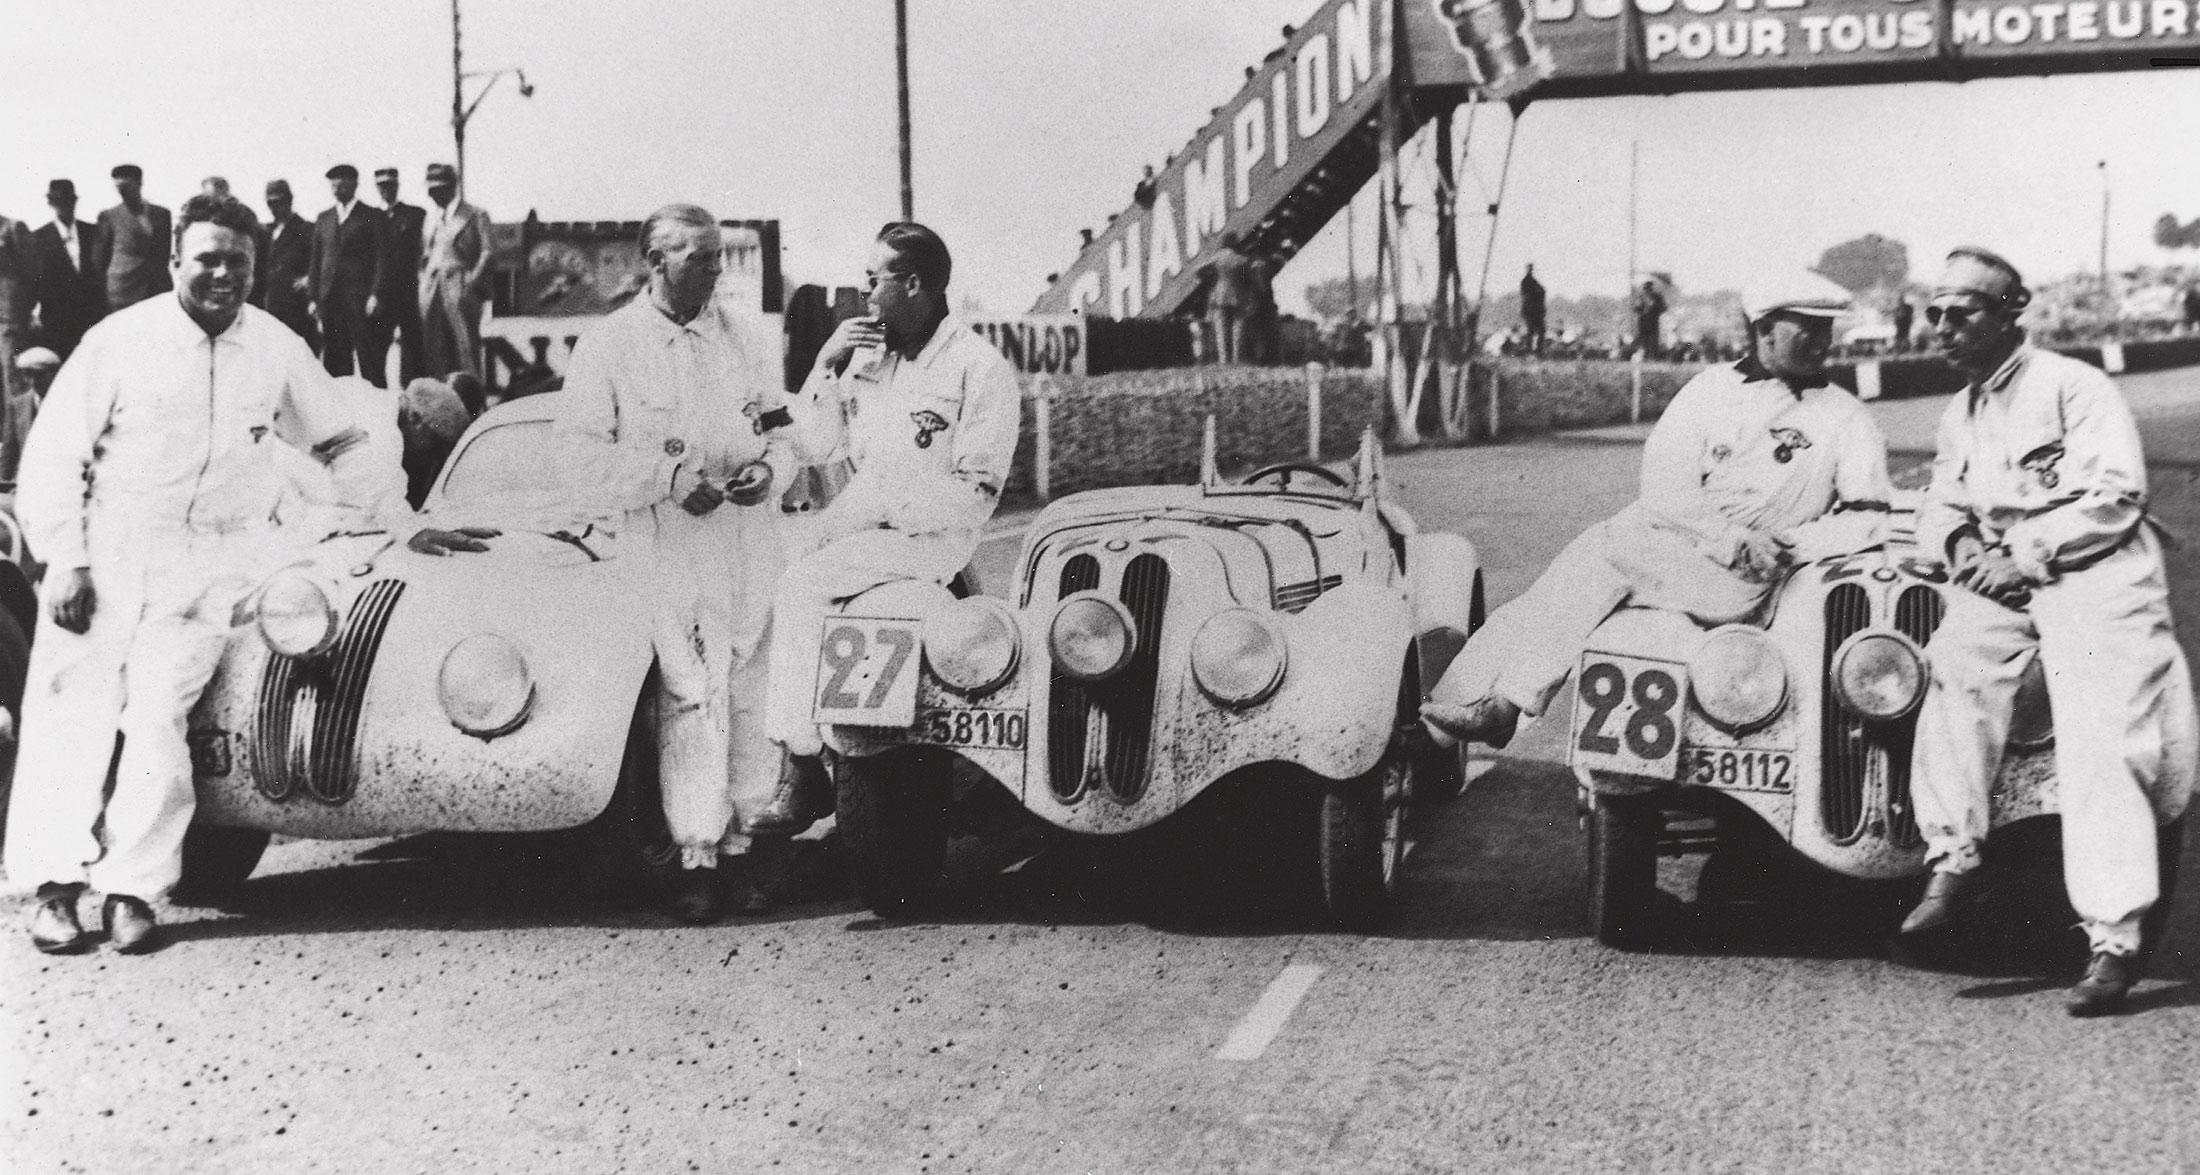 Le Mans, 1939